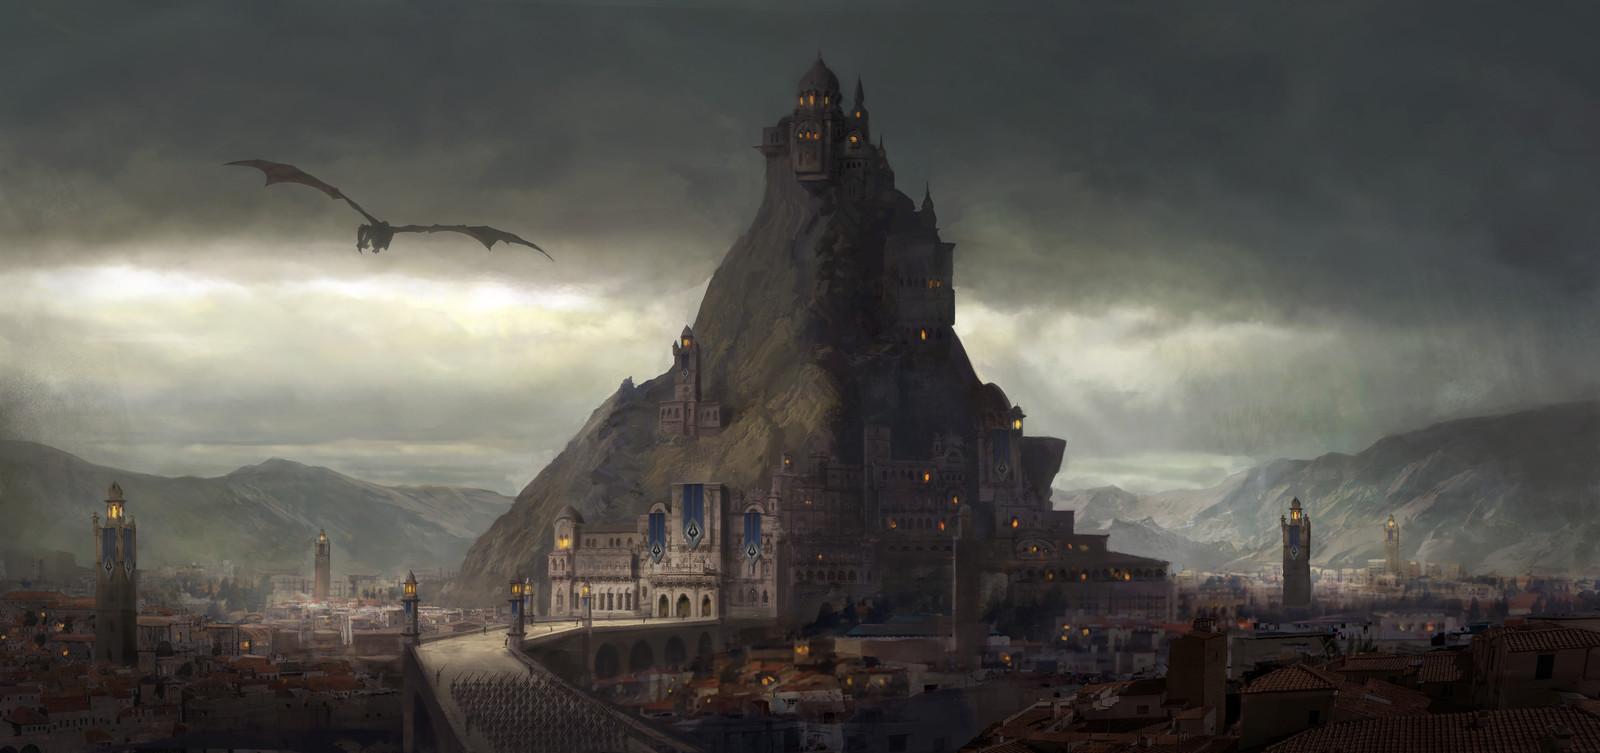 Citadel of Zhafir